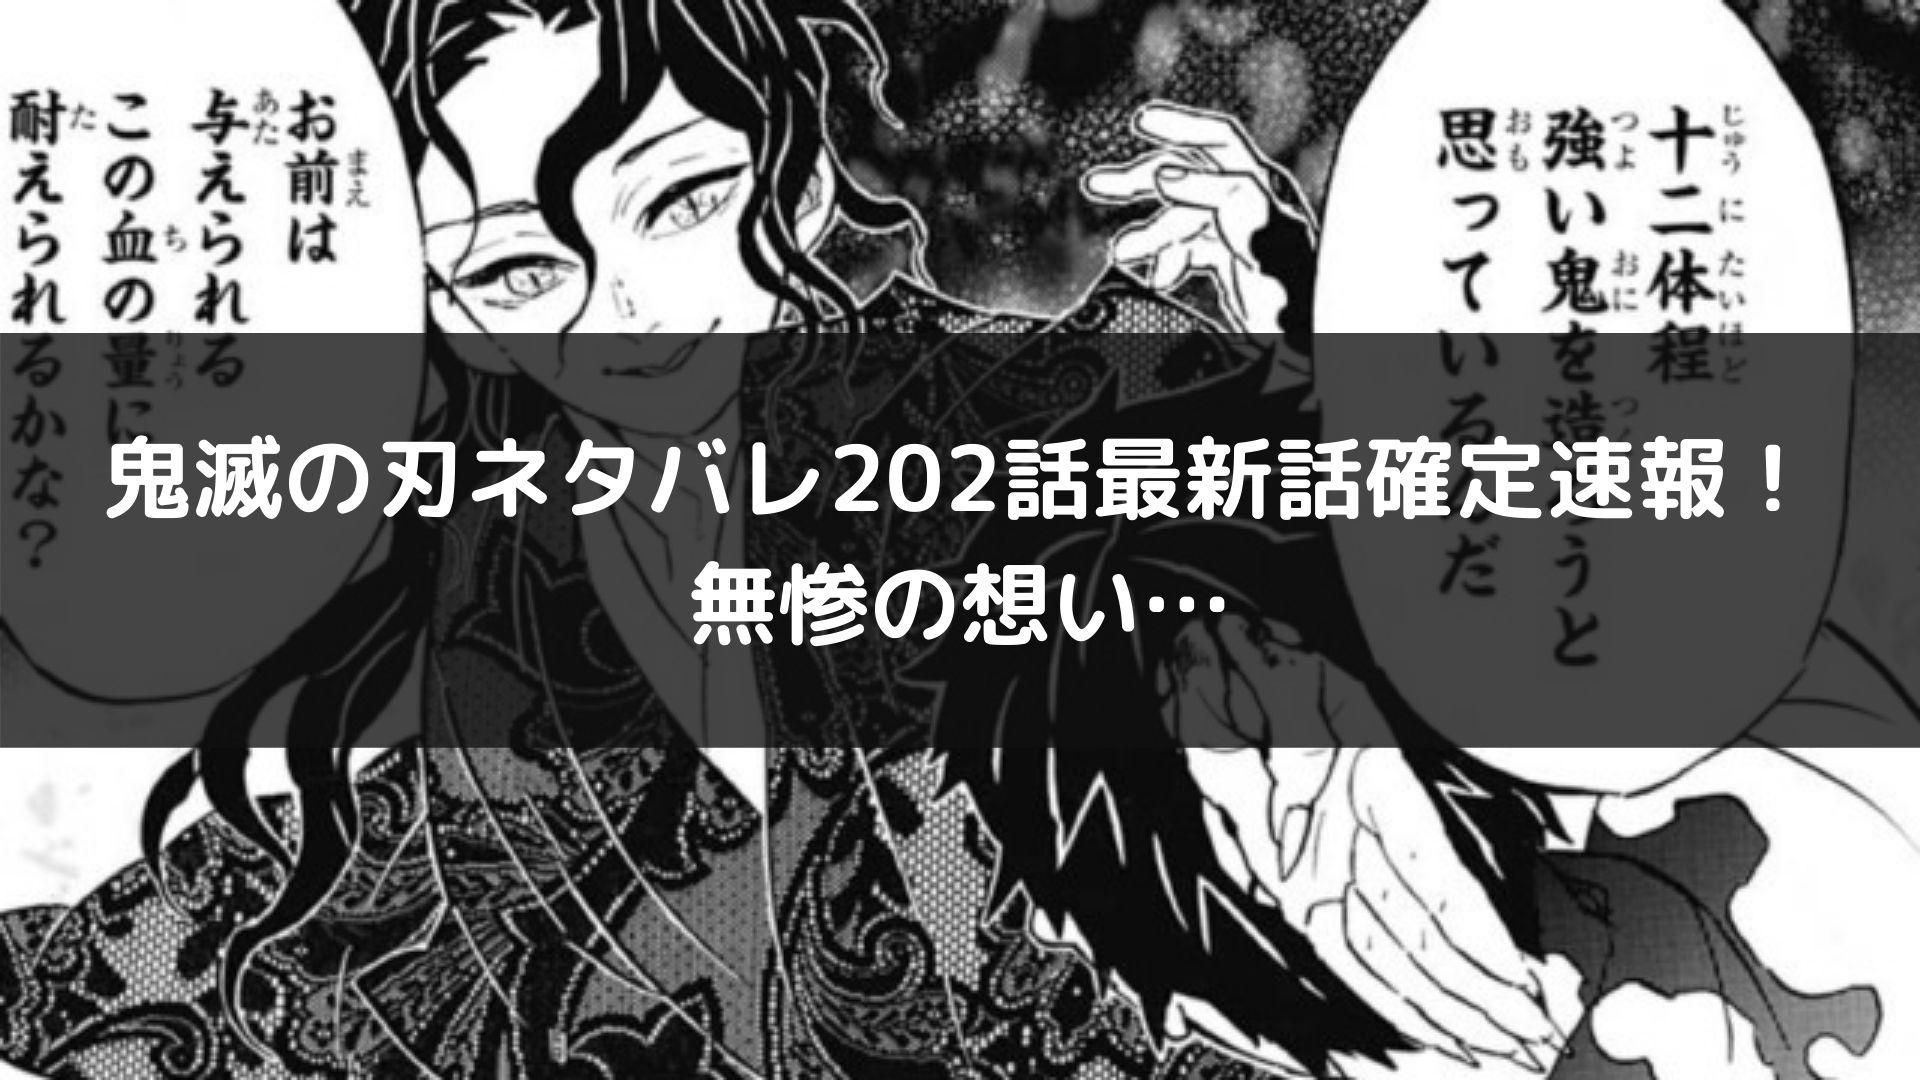 鬼 滅 の 刃 202 話 ネタバレ